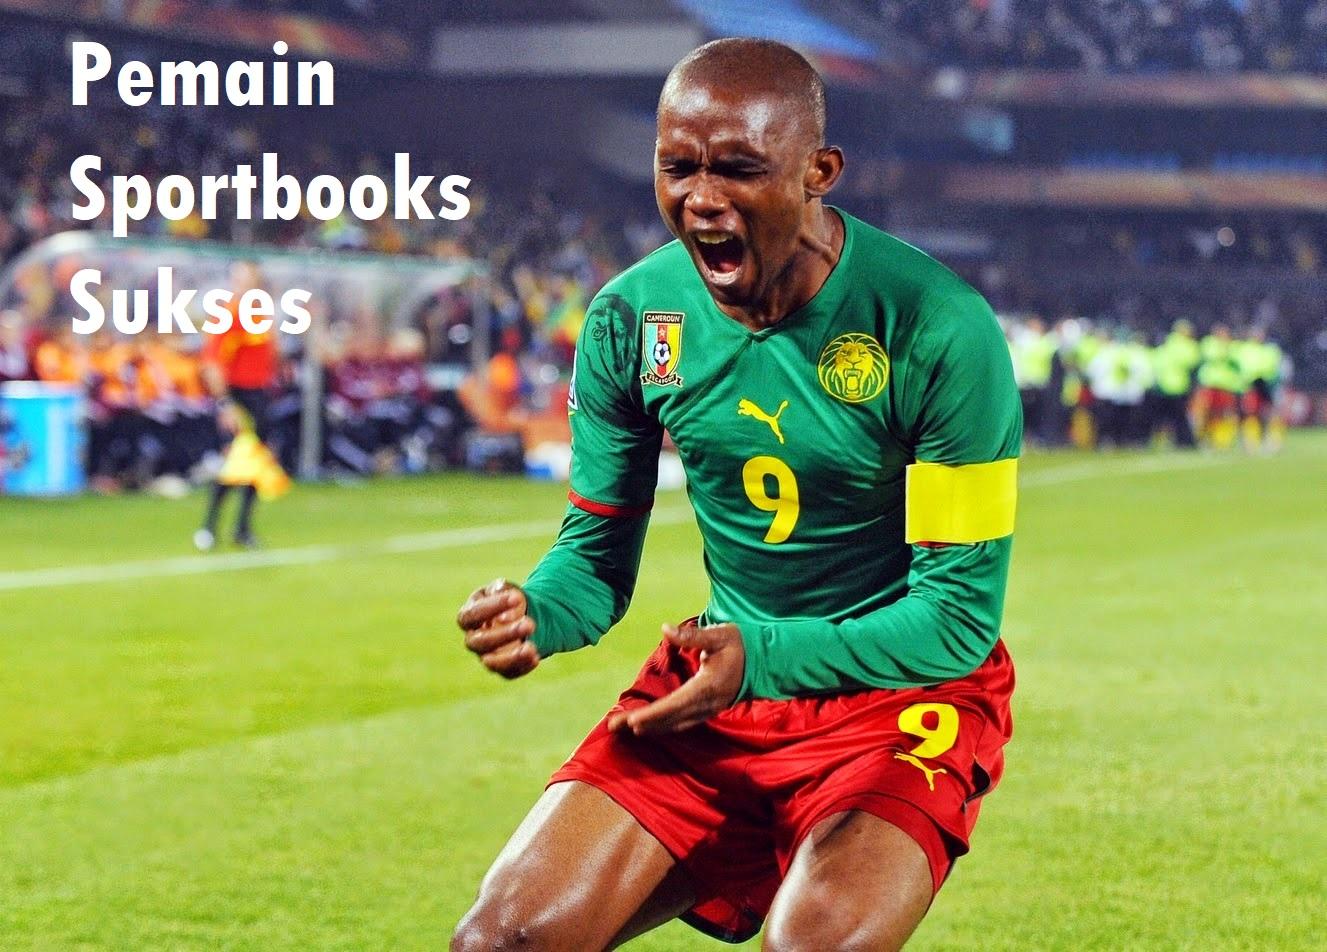 Pemain Sportbooks Sukses Dalam Kehidupan Cinta